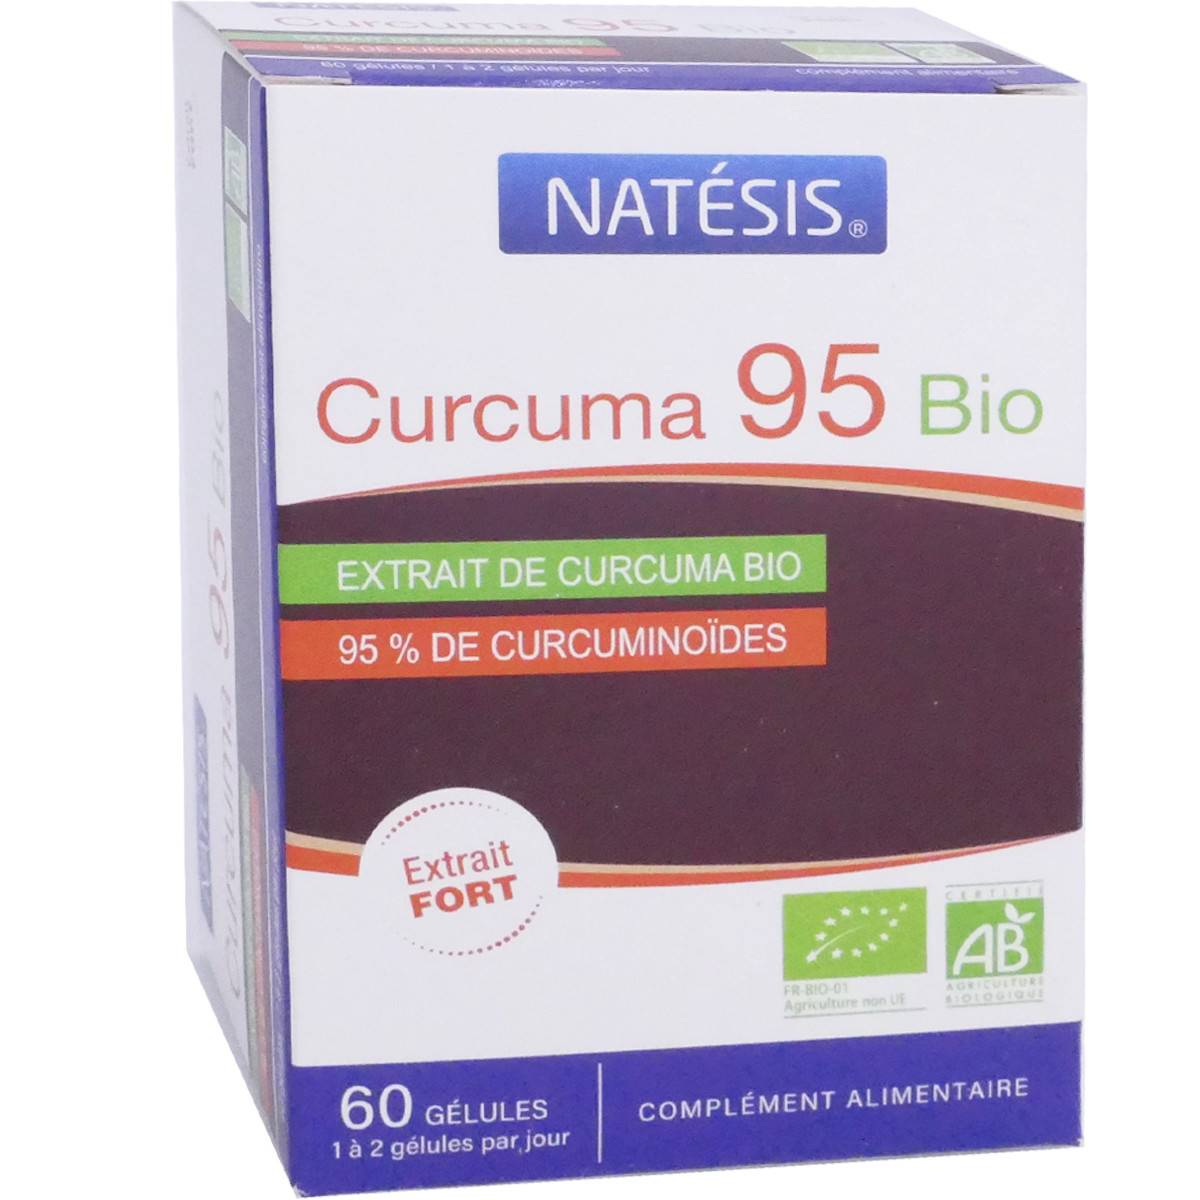 Natesis curcuma 95 bio 60 gÉlules bio